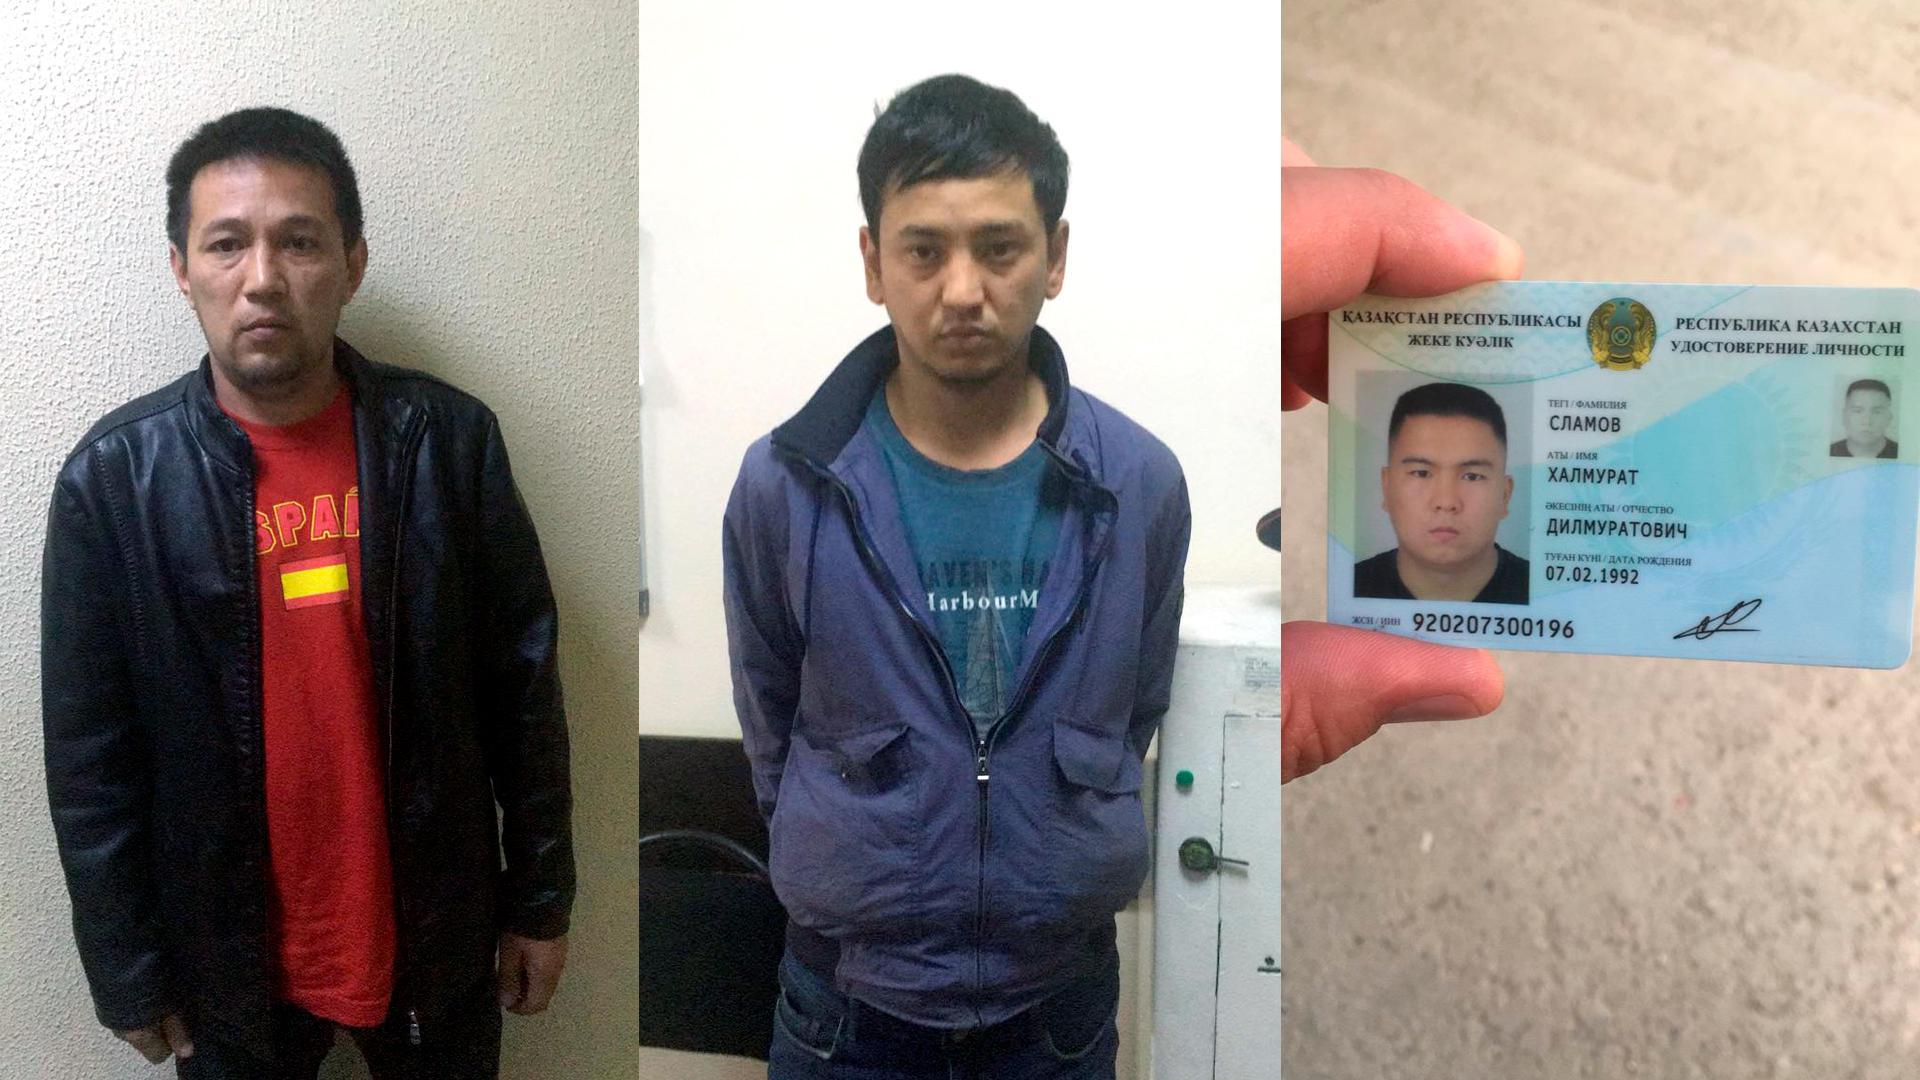 Ещё 28 краденых автозеркал обнаружили у торговца запчастями